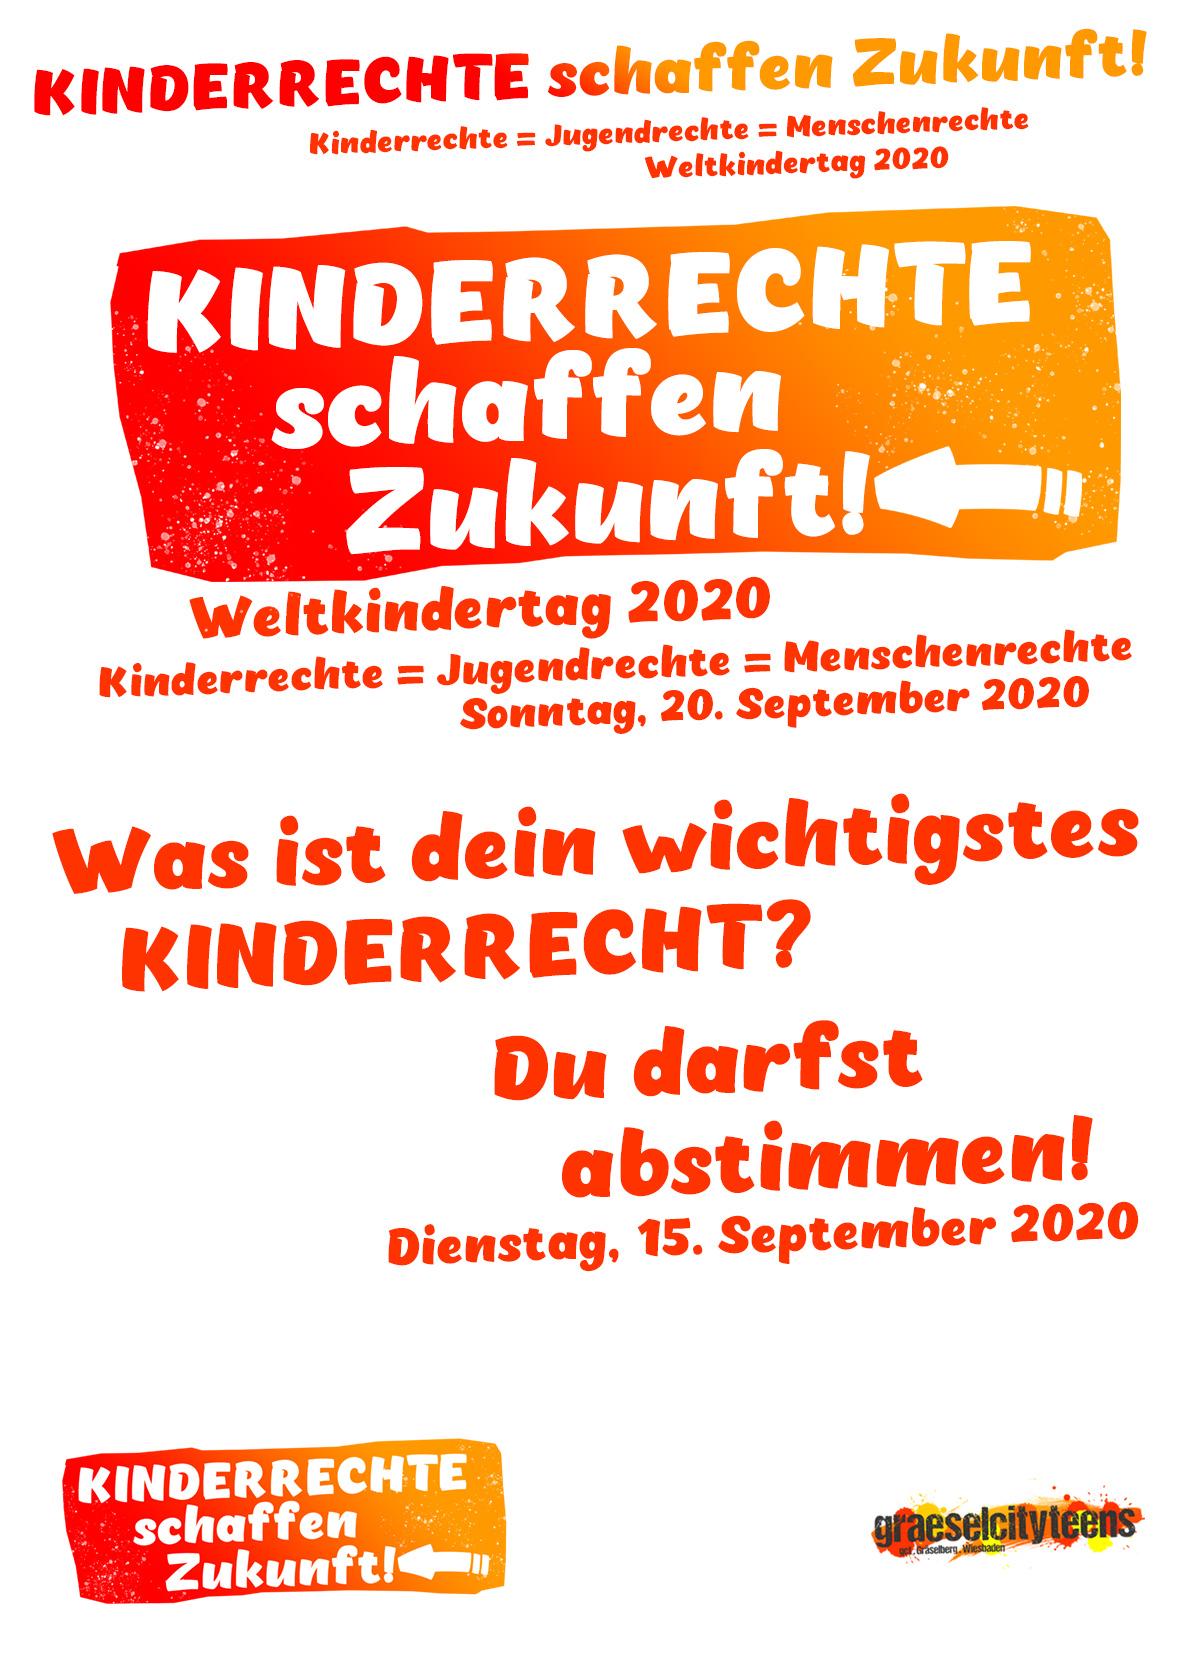 Dein wichtigstes Kinderrecht! . Kinderrechte schaffen Zukunft! . Du darfst abstimmen! . 15. September . gct . graeselcityteens ...auf dem Gräselberg . Stadtteilzentrum Gräselberg . Wiesbaden